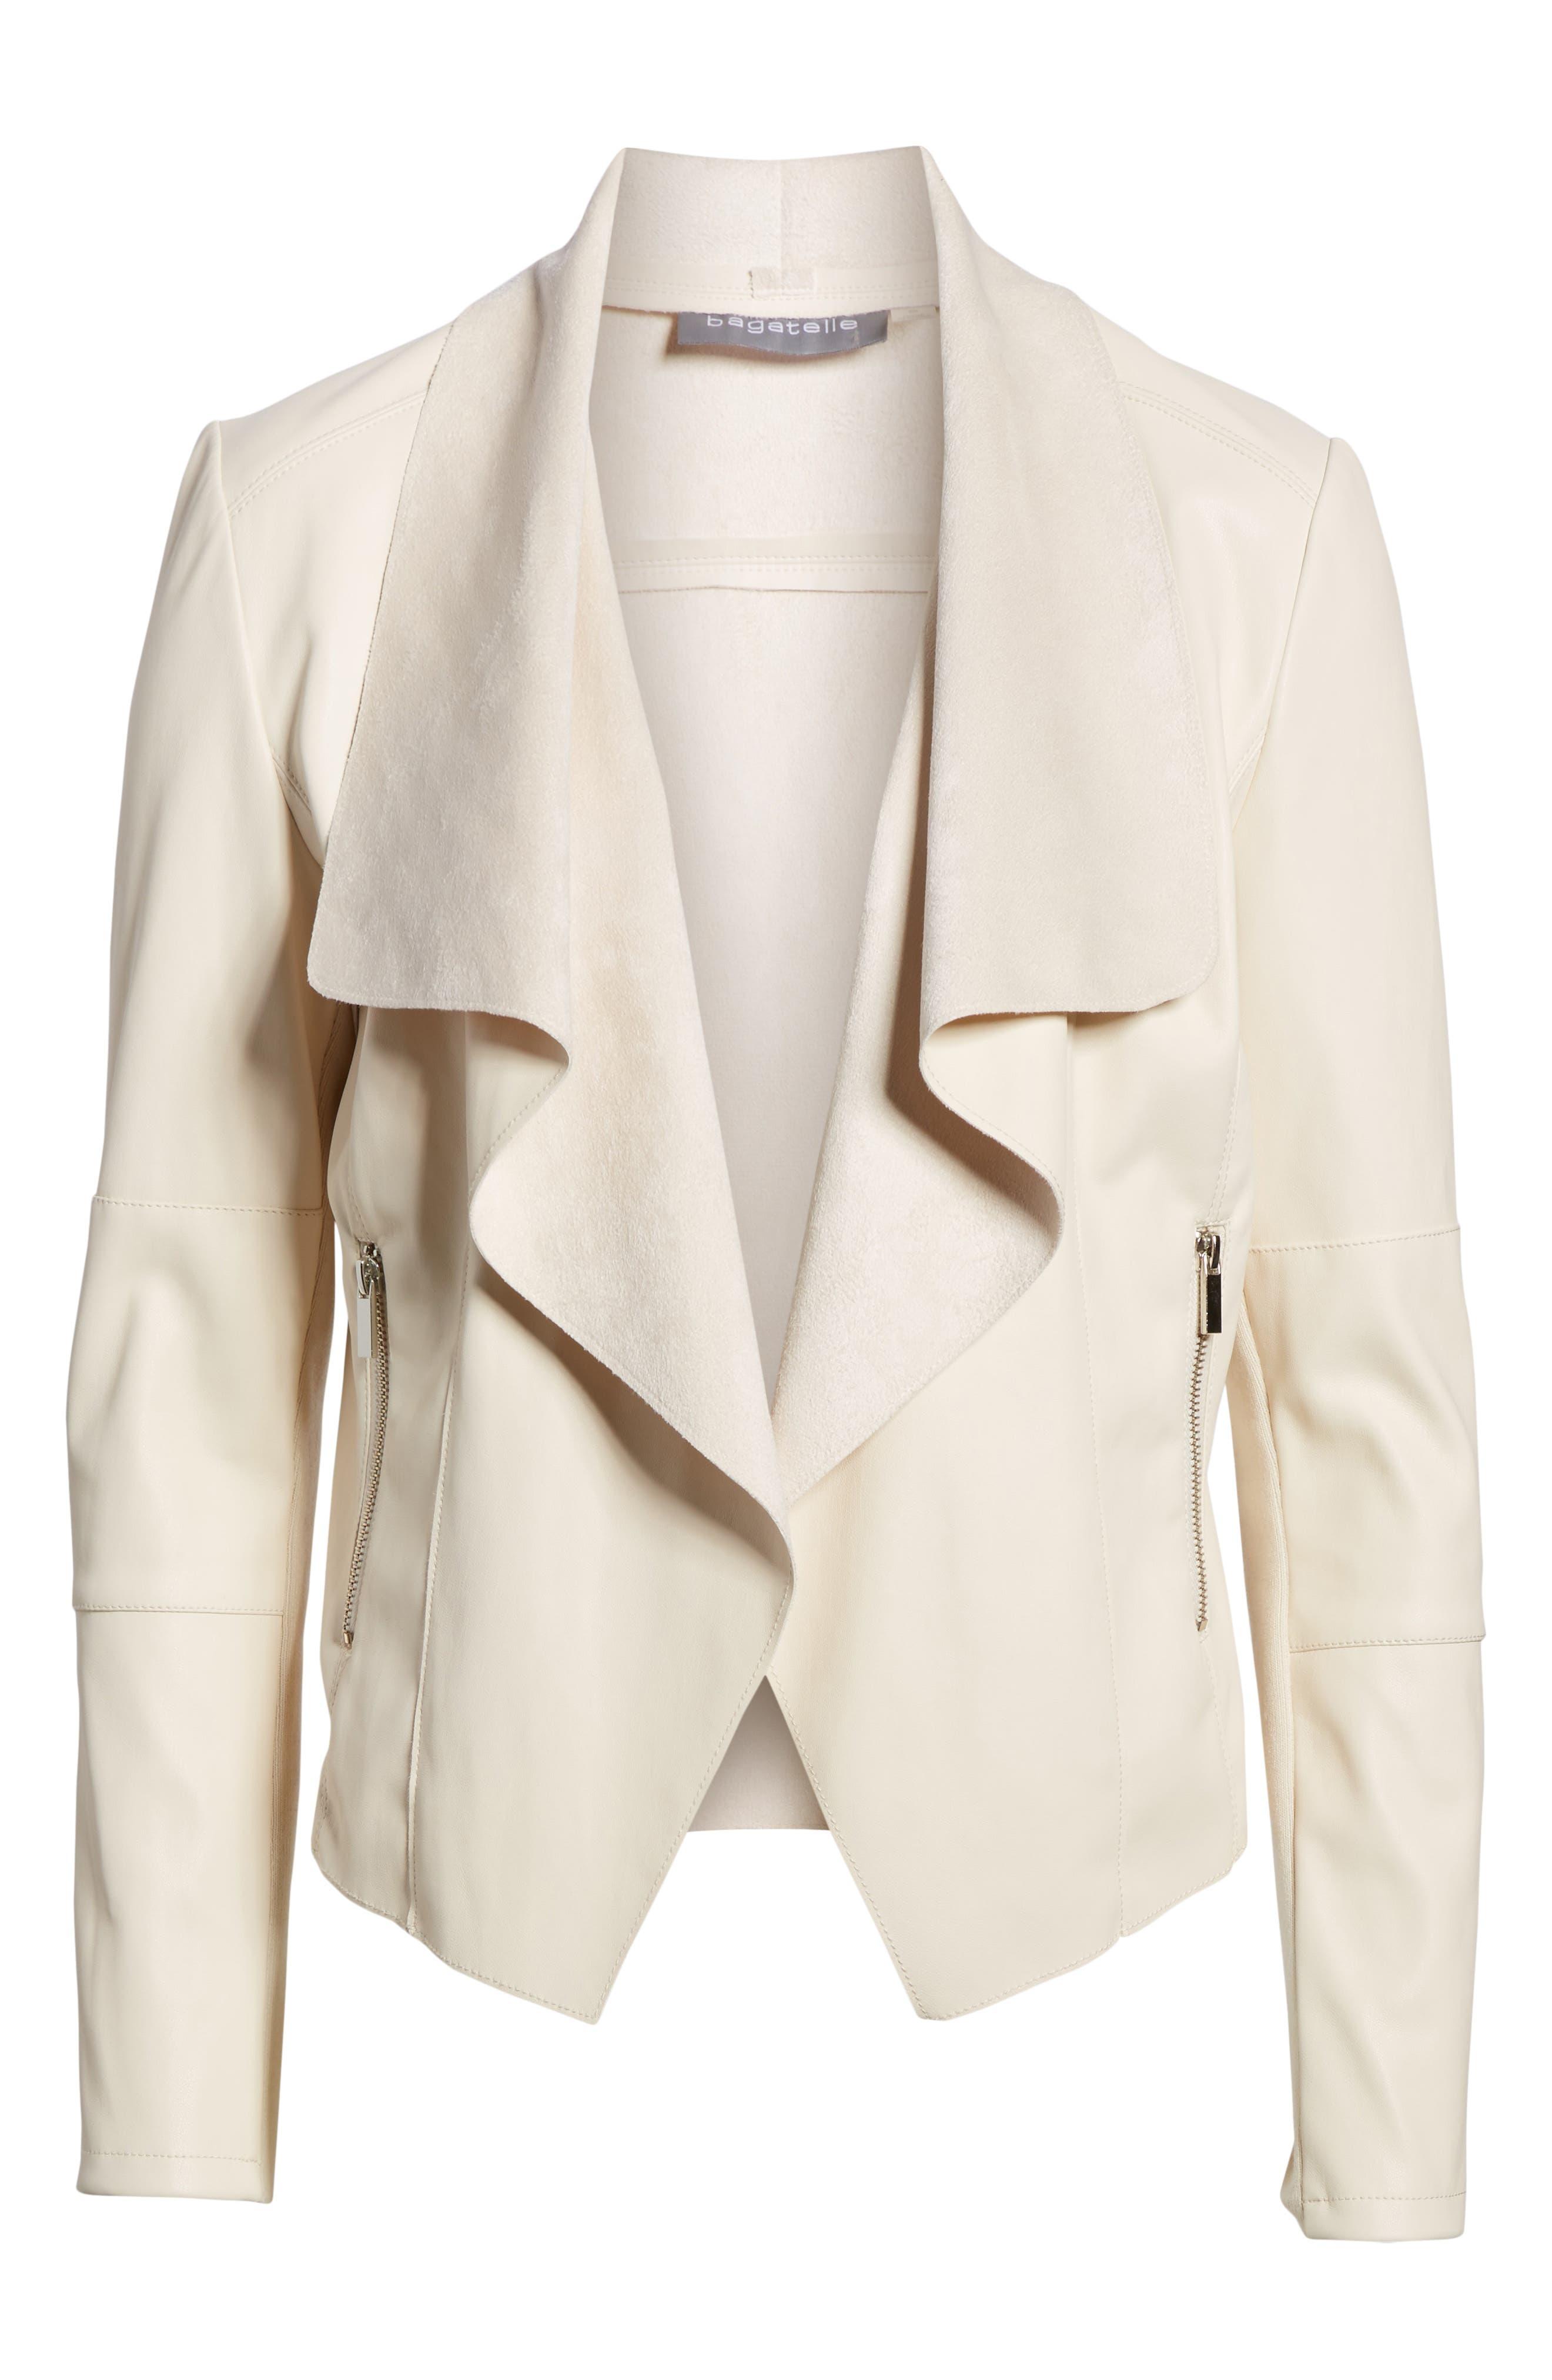 Drape Faux Leather & Faux Suede Jacket,                         Main,                         color, Cream